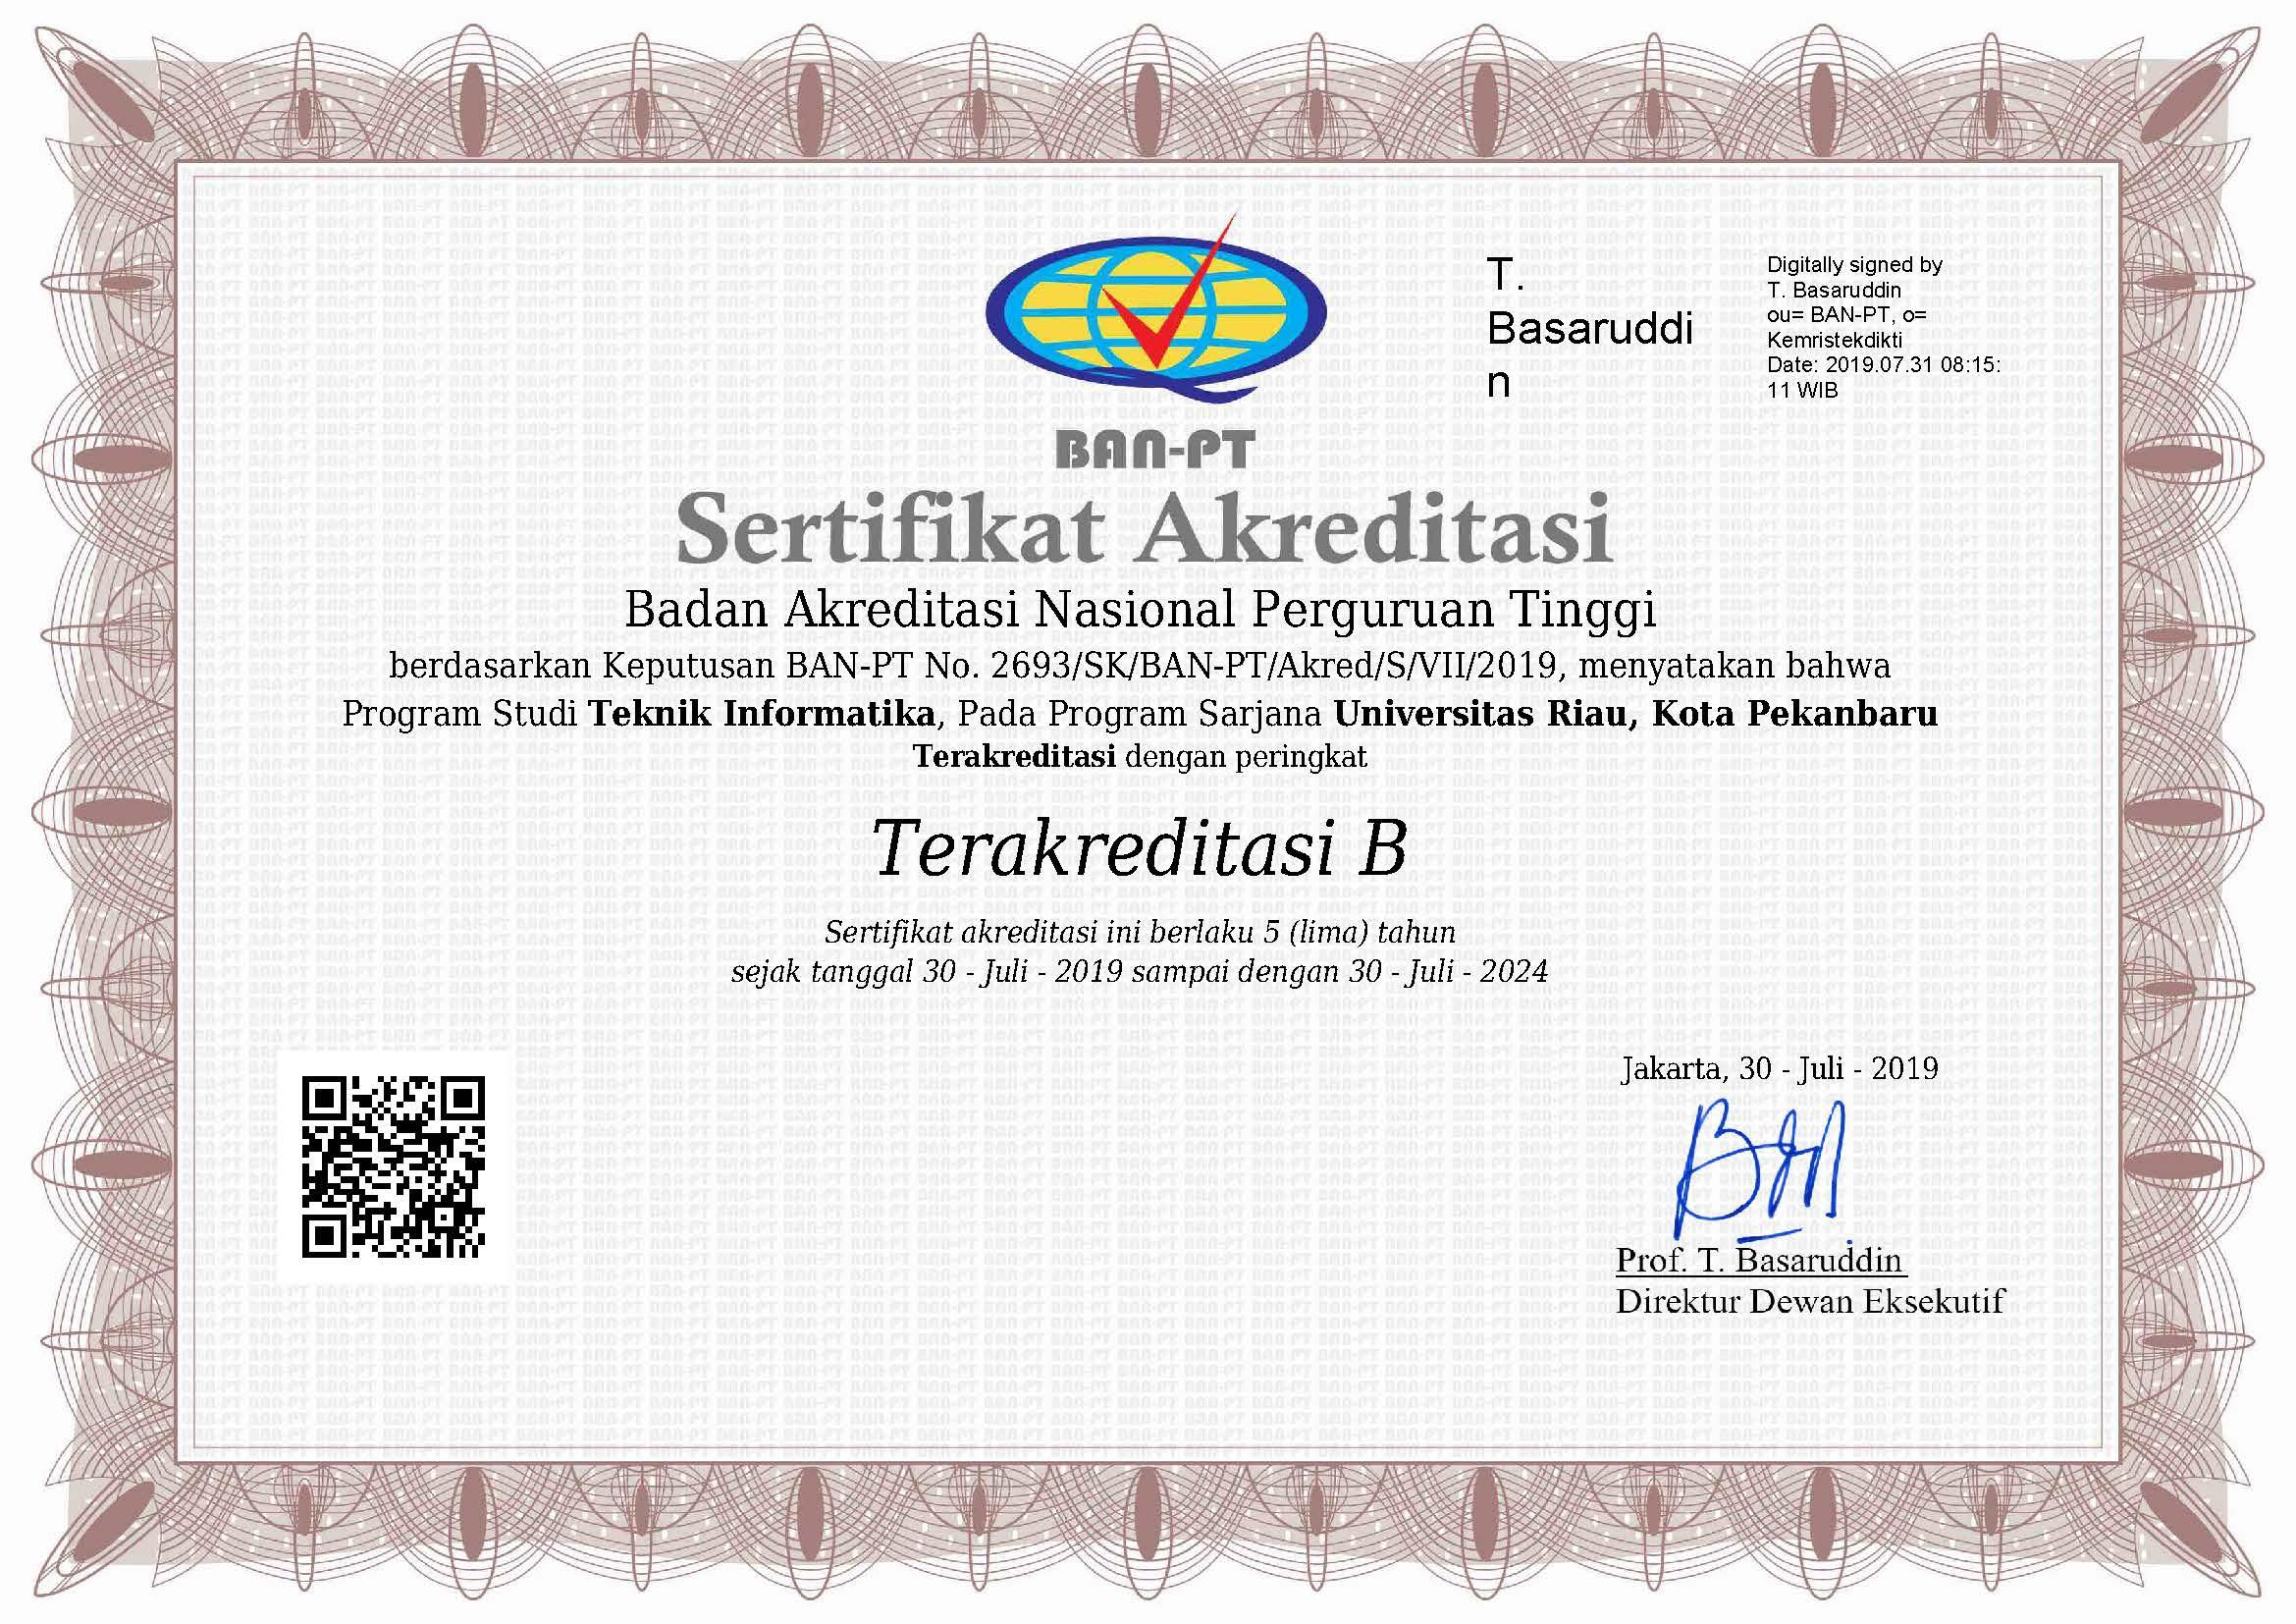 Form Upload Sti 9 Setelah Sempro Teknik Informatika